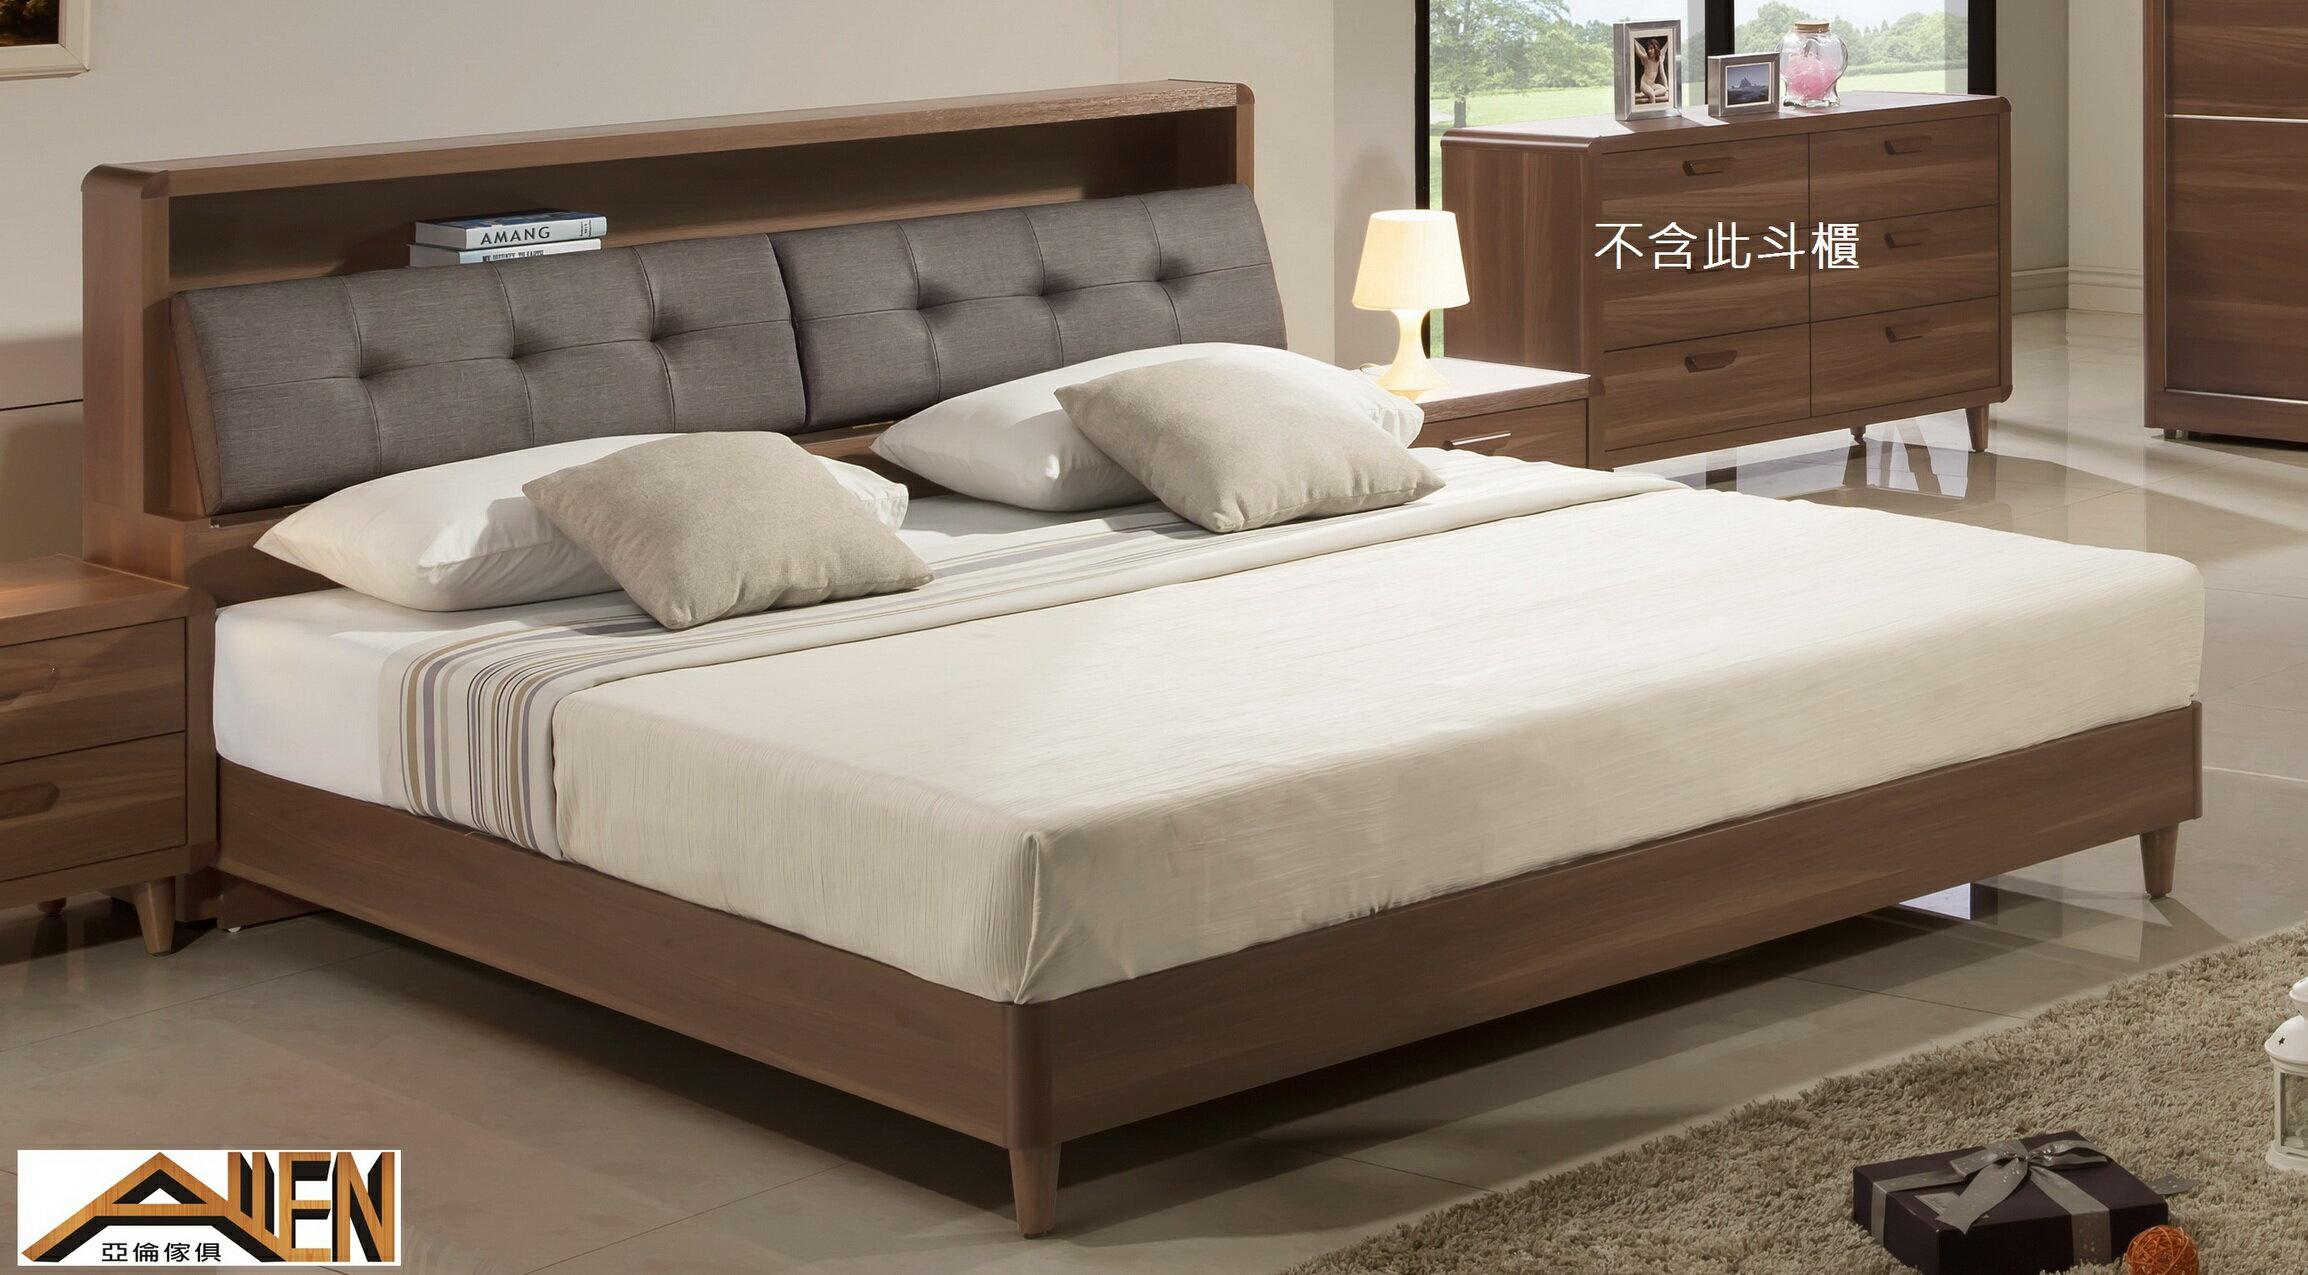 亞倫傢俱*阿勞德安全R角6尺雙人加大床架 (床頭箱款) 0